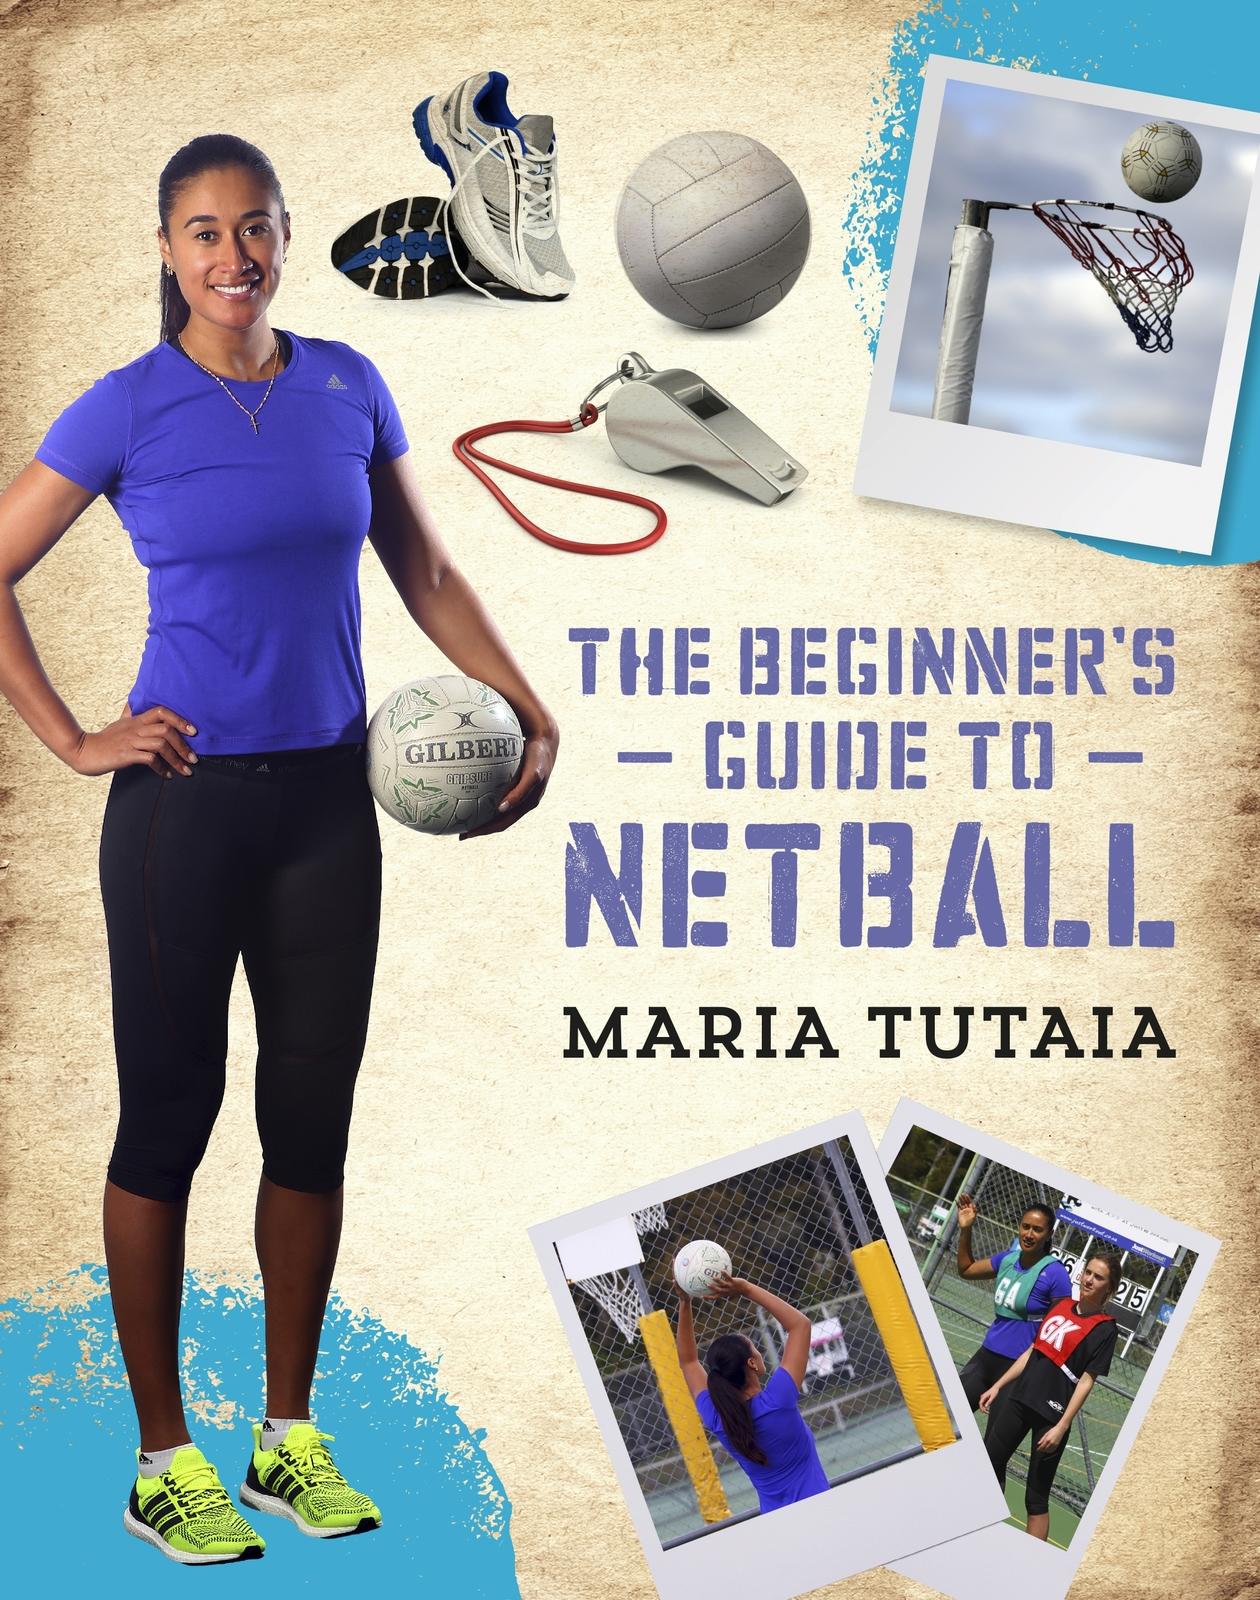 The Beginner's Guide To Netball